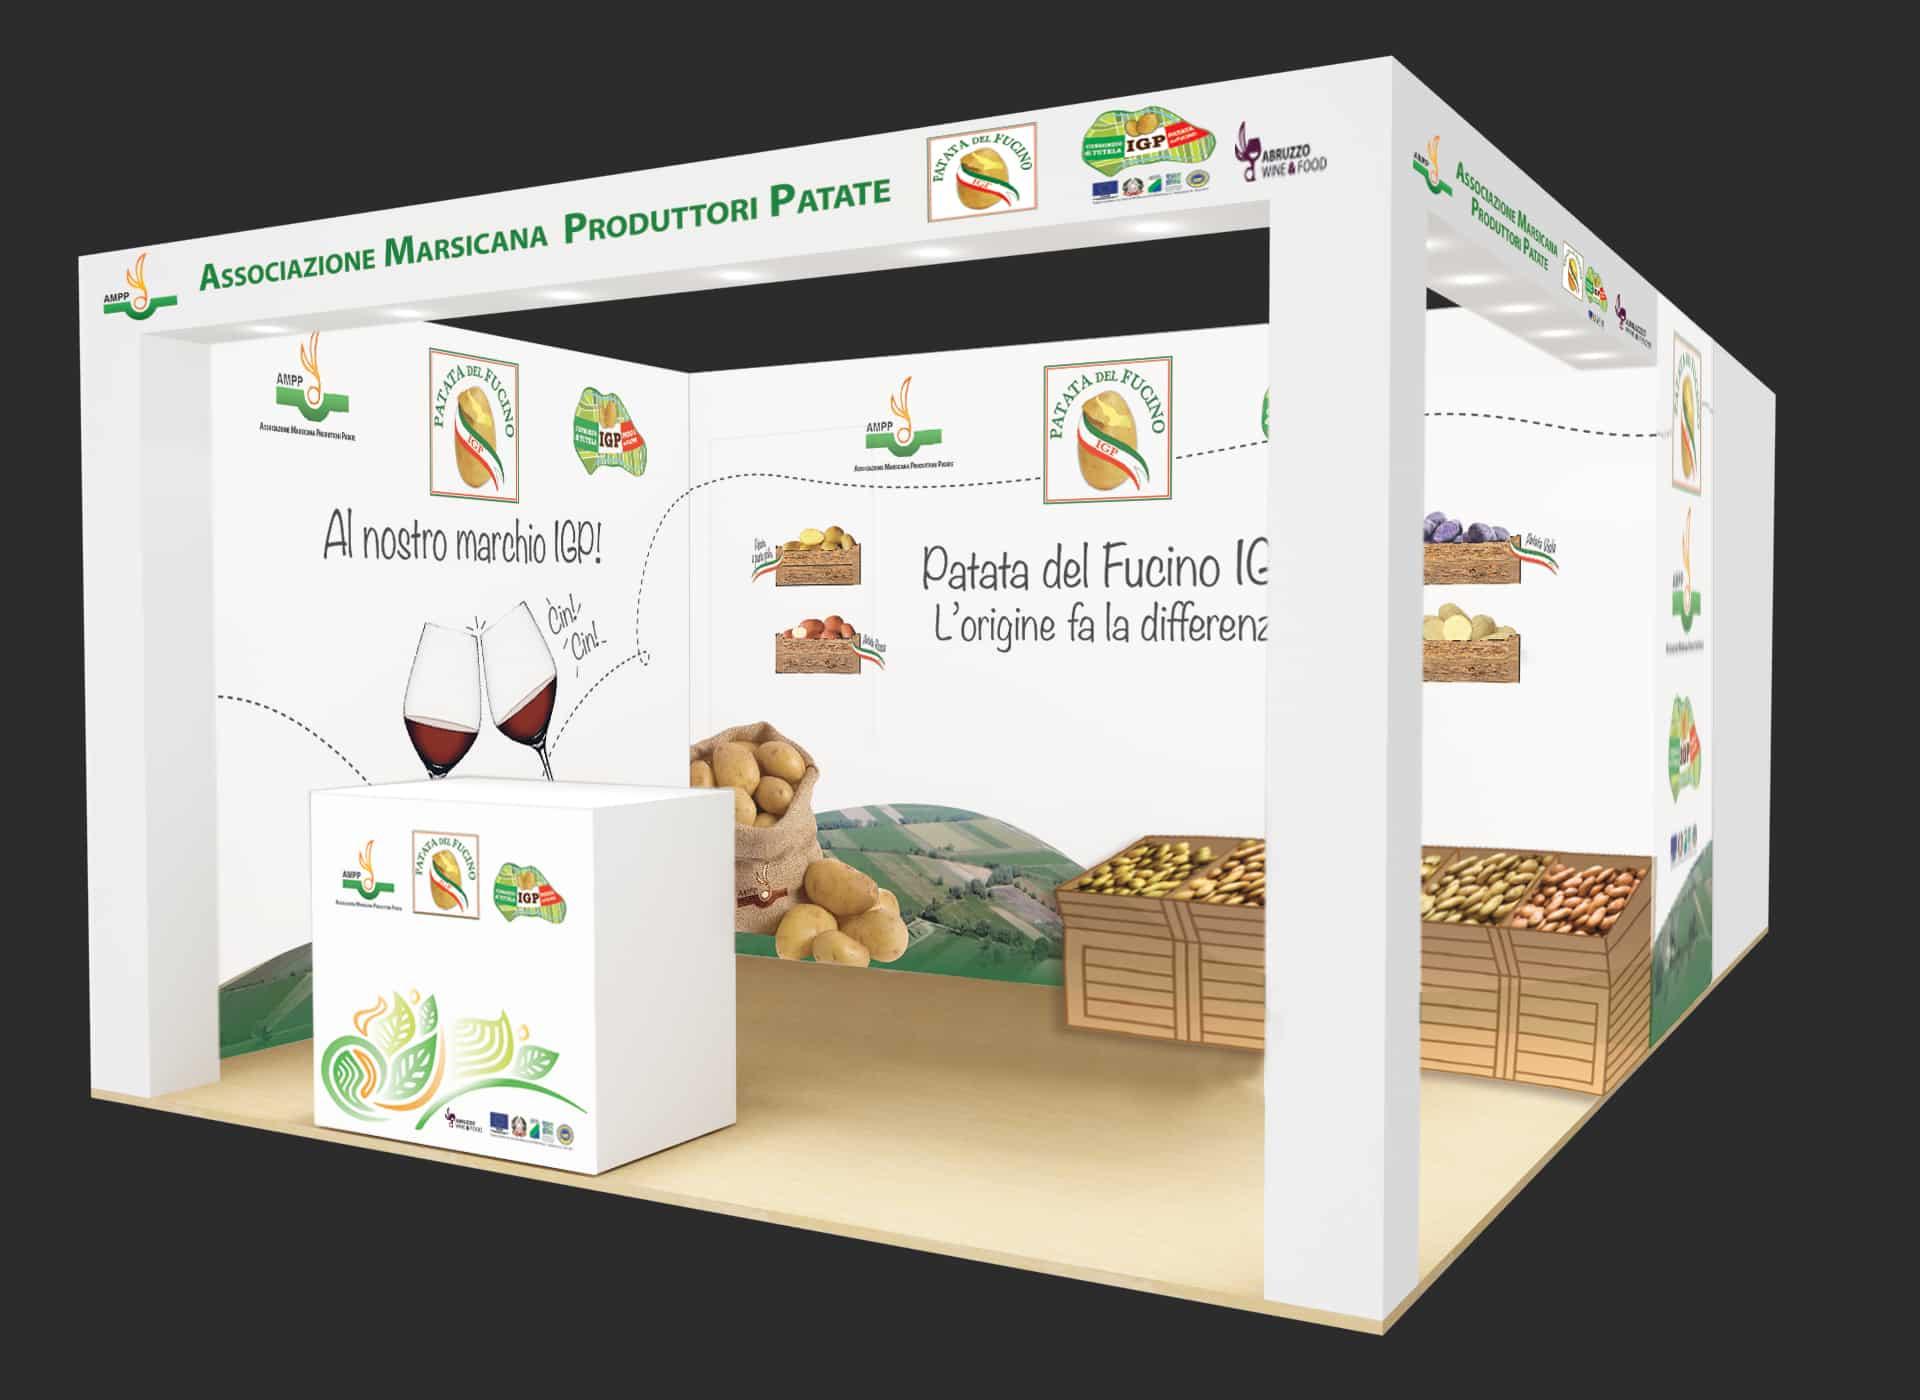 AMPP – Associazione Marsicana Produttori Patate – Vinitaly